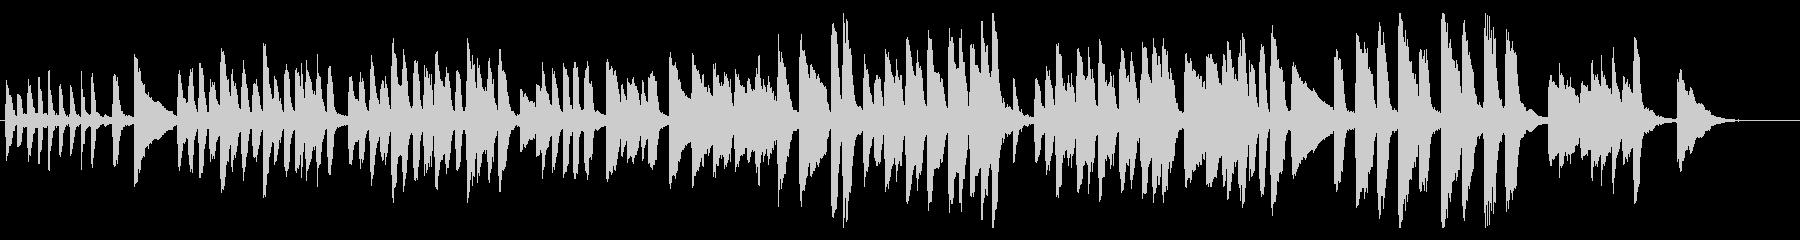 短くてかわいいピアノ曲の未再生の波形